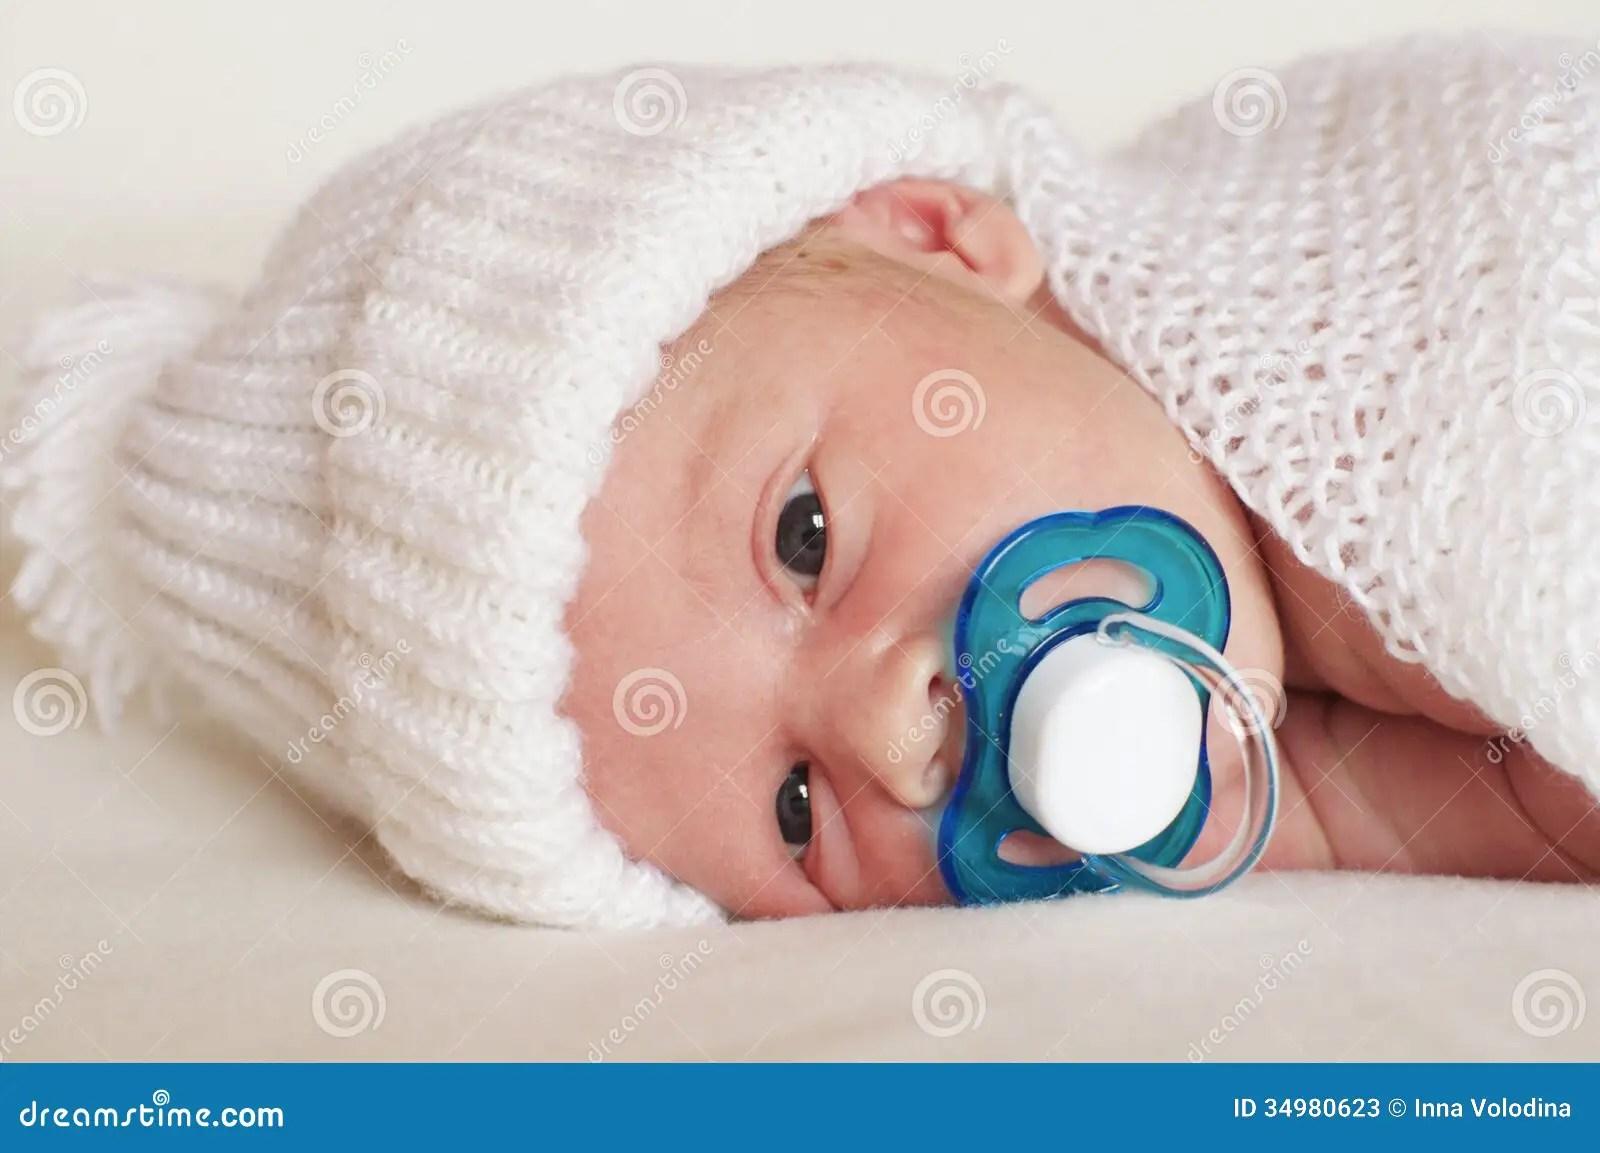 newborn baby boy with